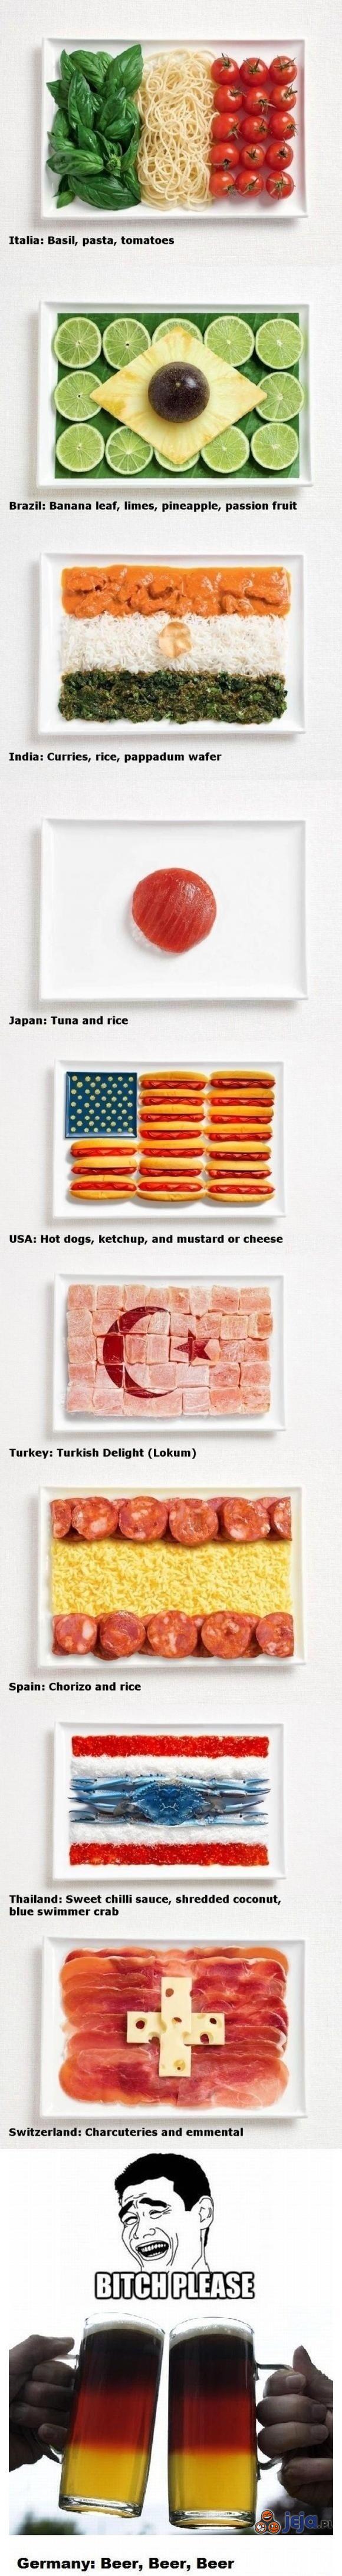 Flagi i jedzenie